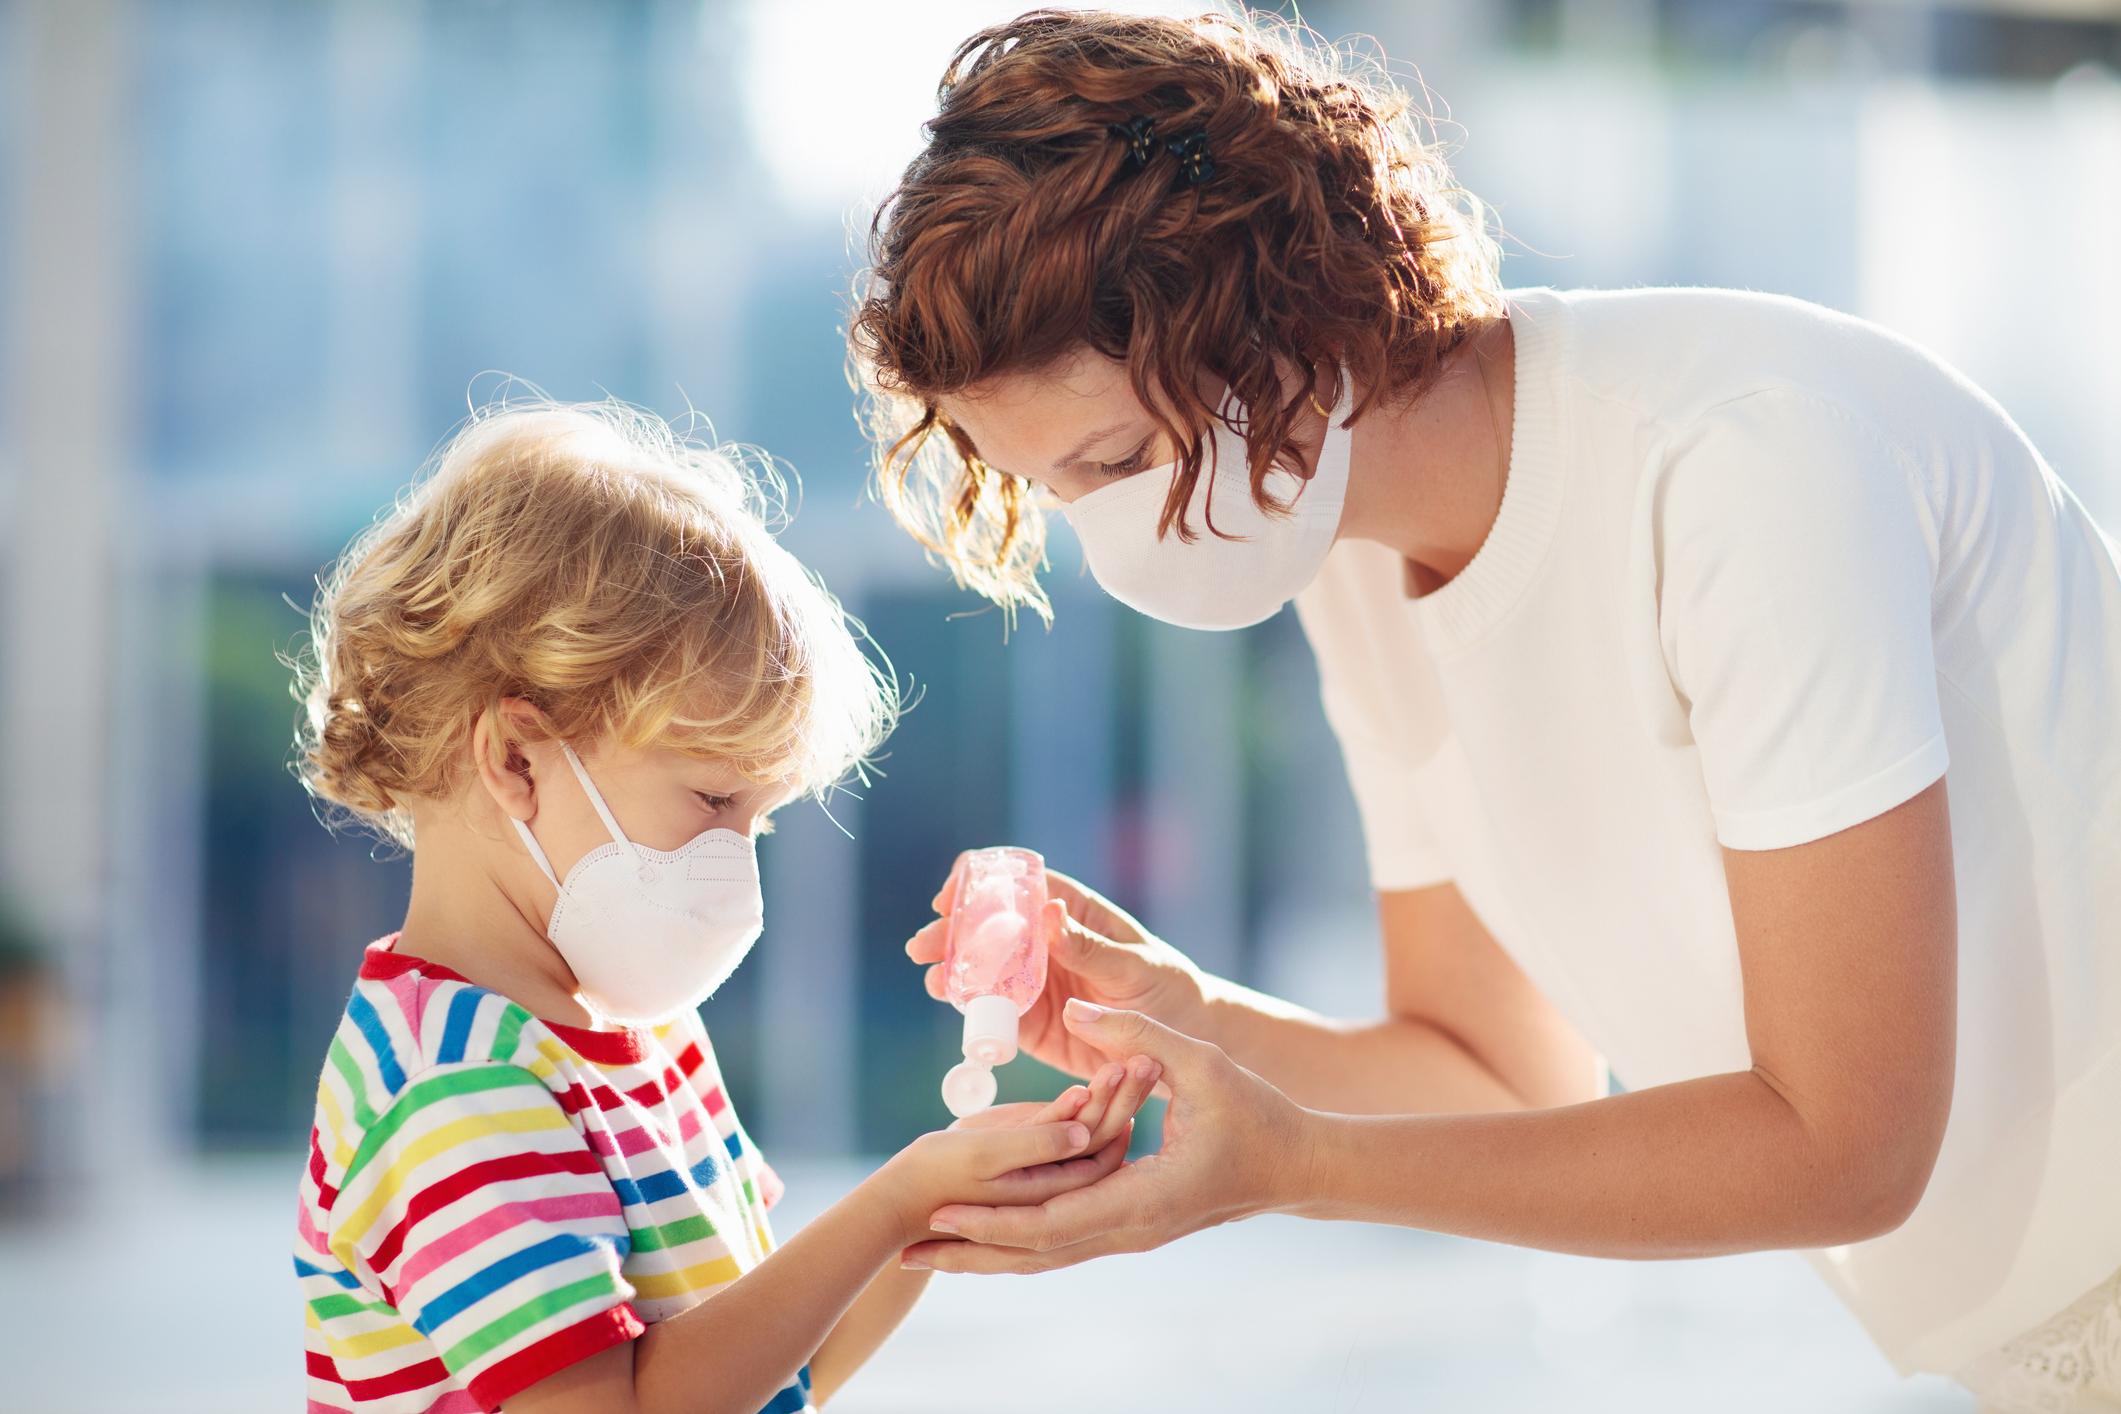 Koronavírus: hogyan védhetem meg a gyermekem?